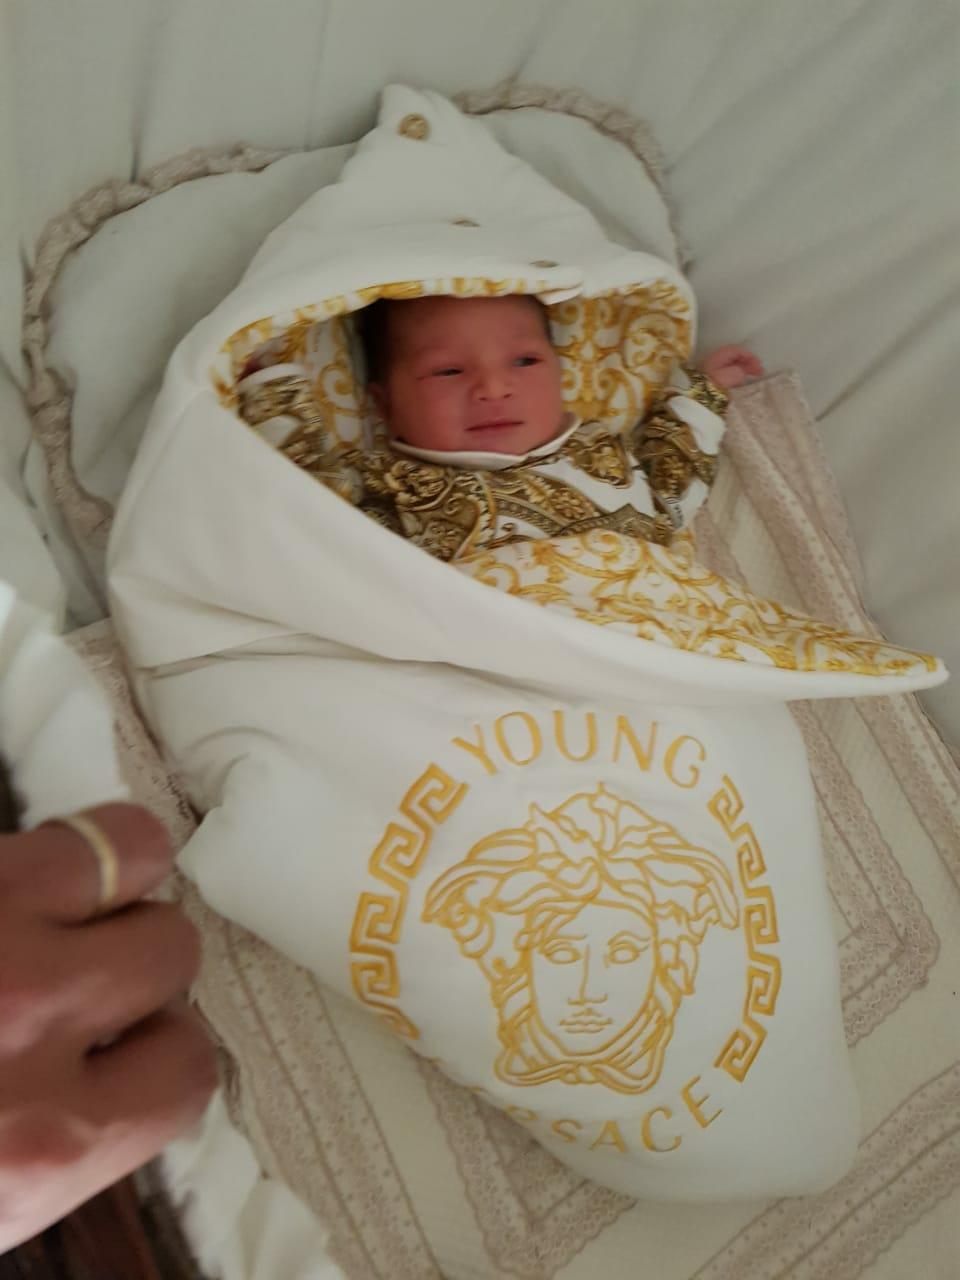 تهنئة بمناسبة ازدياد مولود لعائلة بغداد ازعوم ببن الطيب